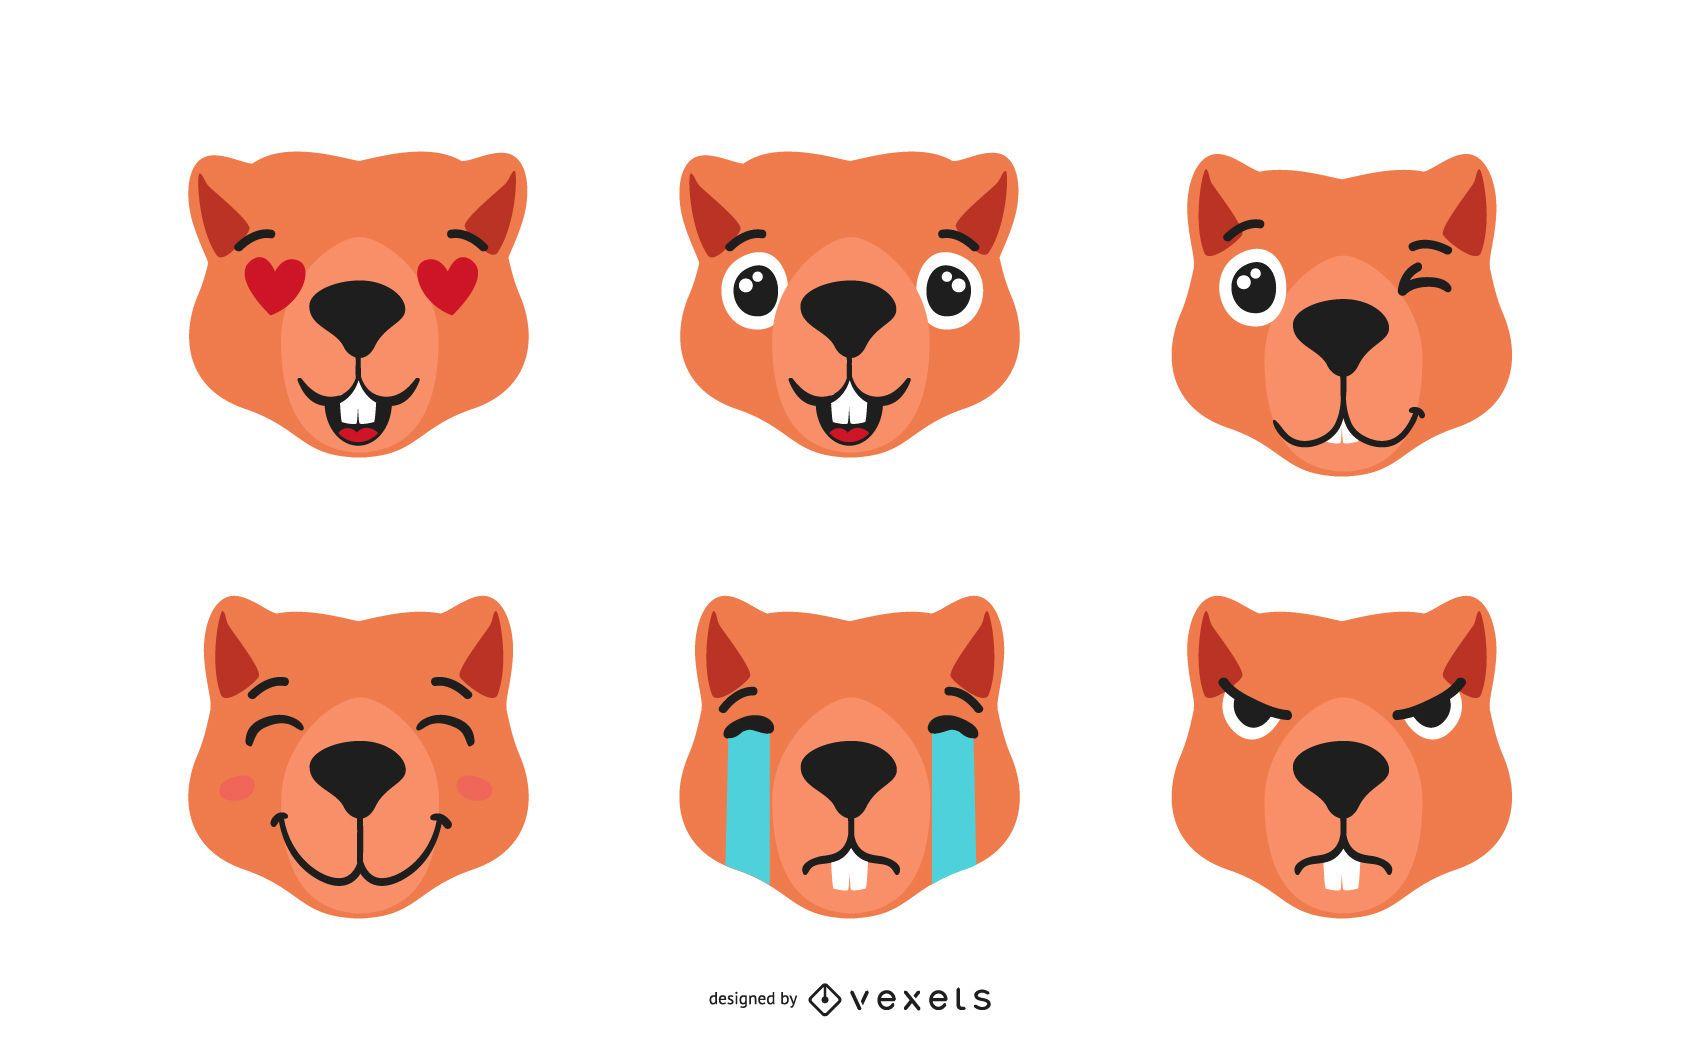 Cute Otter Emoji Set